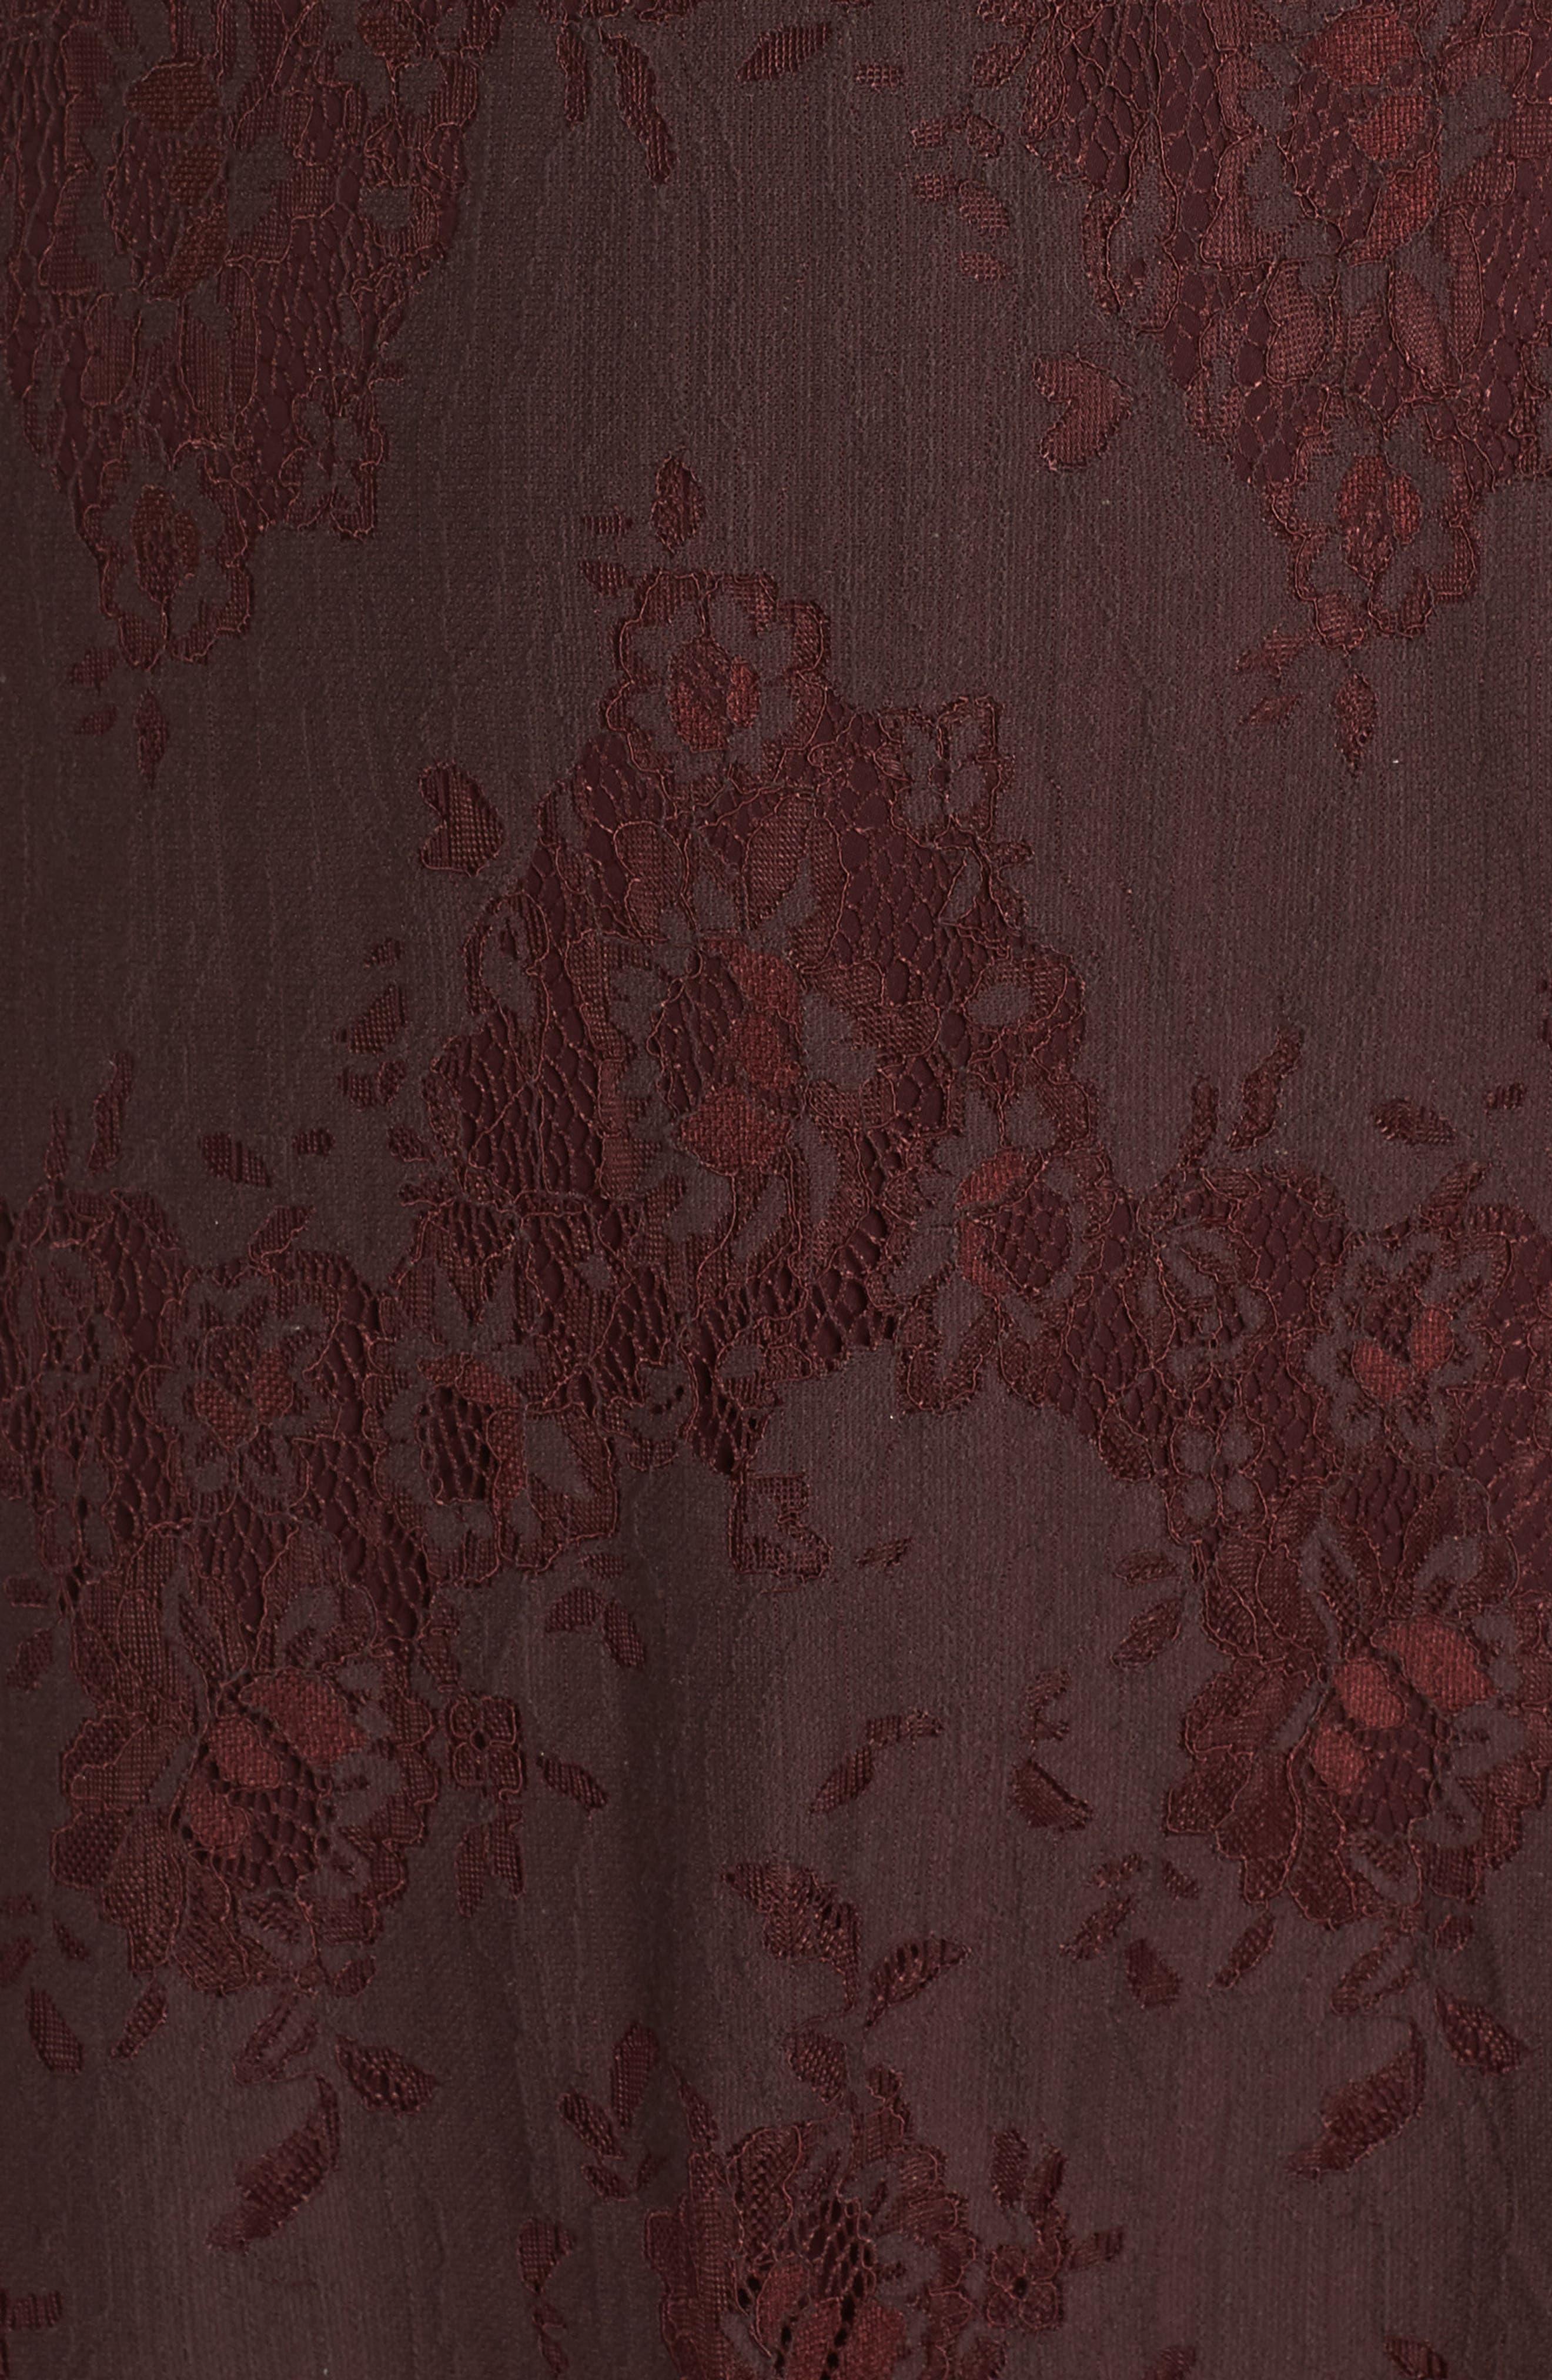 Cold Shoulder Lace A-Line Dress,                             Alternate thumbnail 5, color,                             600